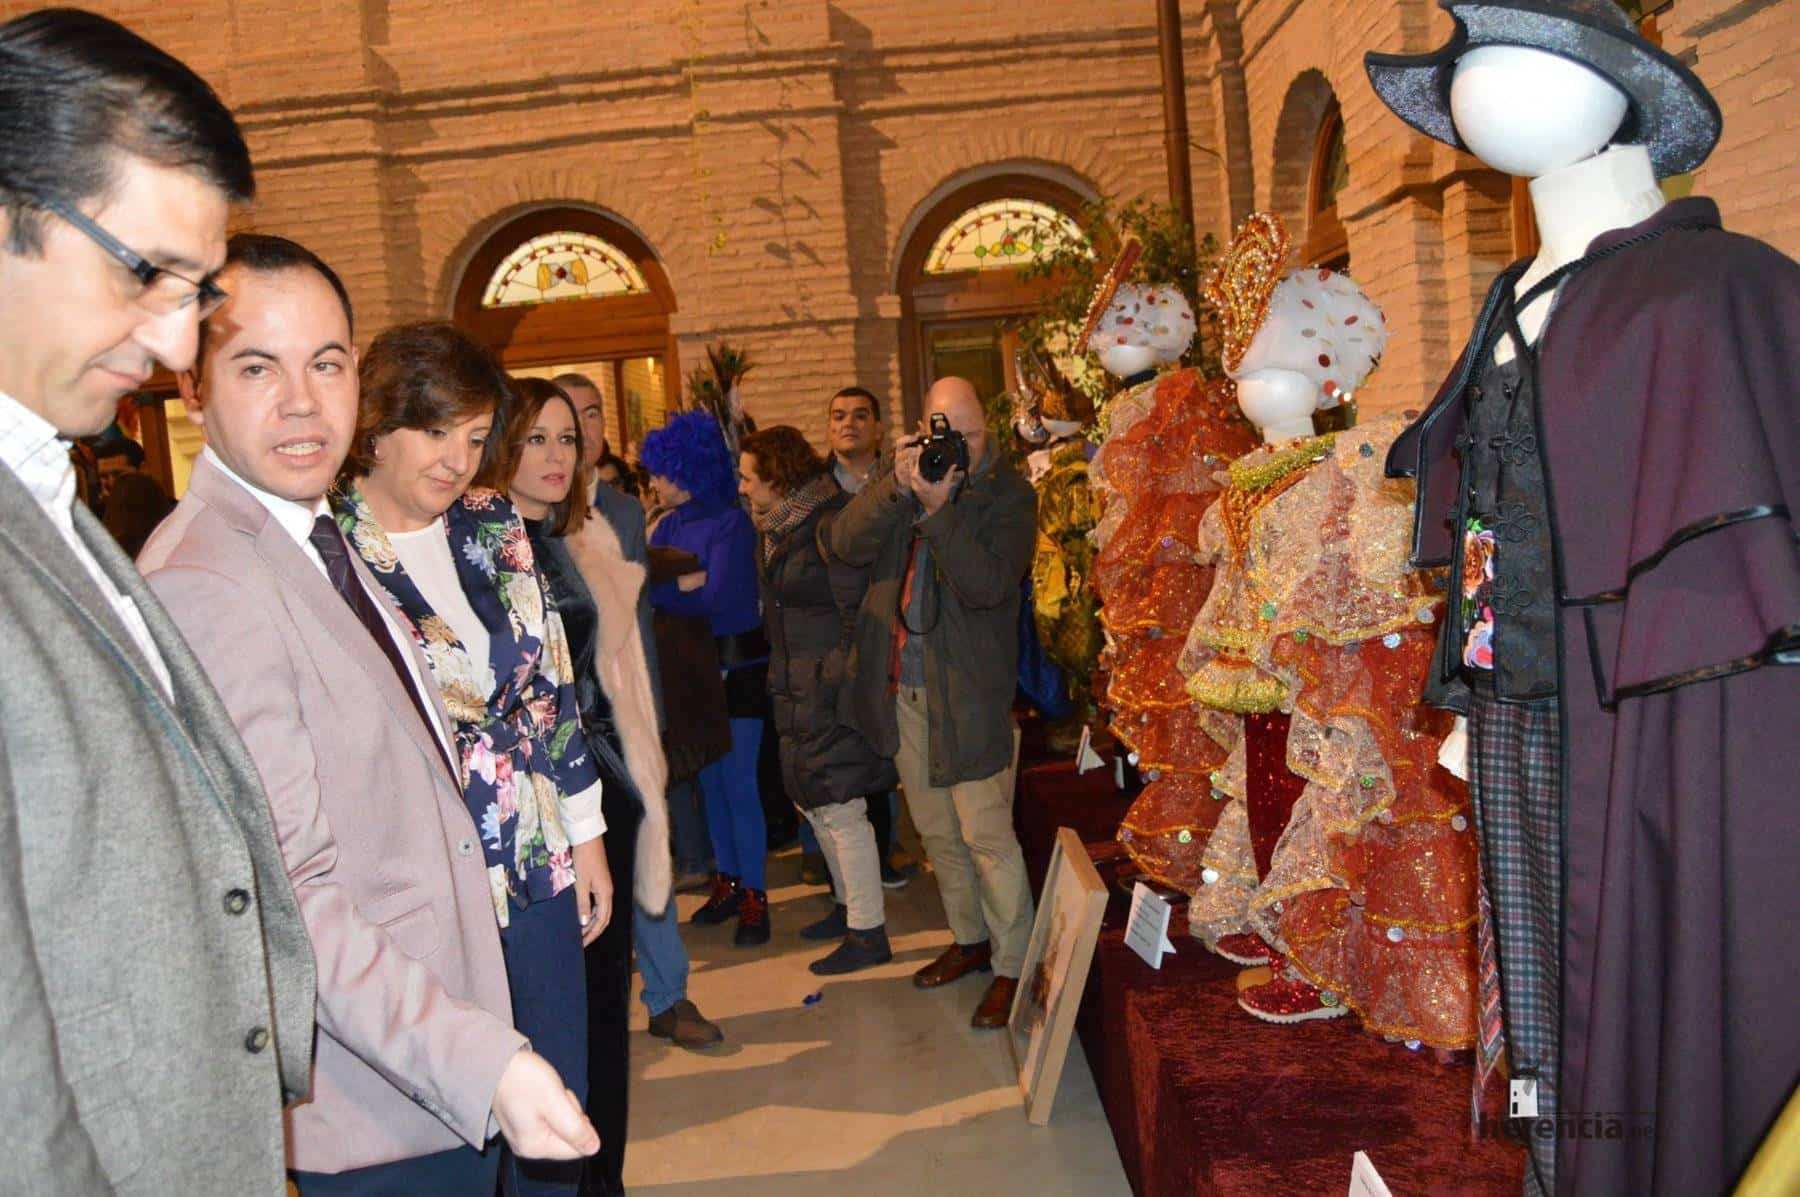 carnaval de herencia patricia franco clm 2 - Patricia Franco, Consejera de Economía de la Junta en el Carnaval de Herencia